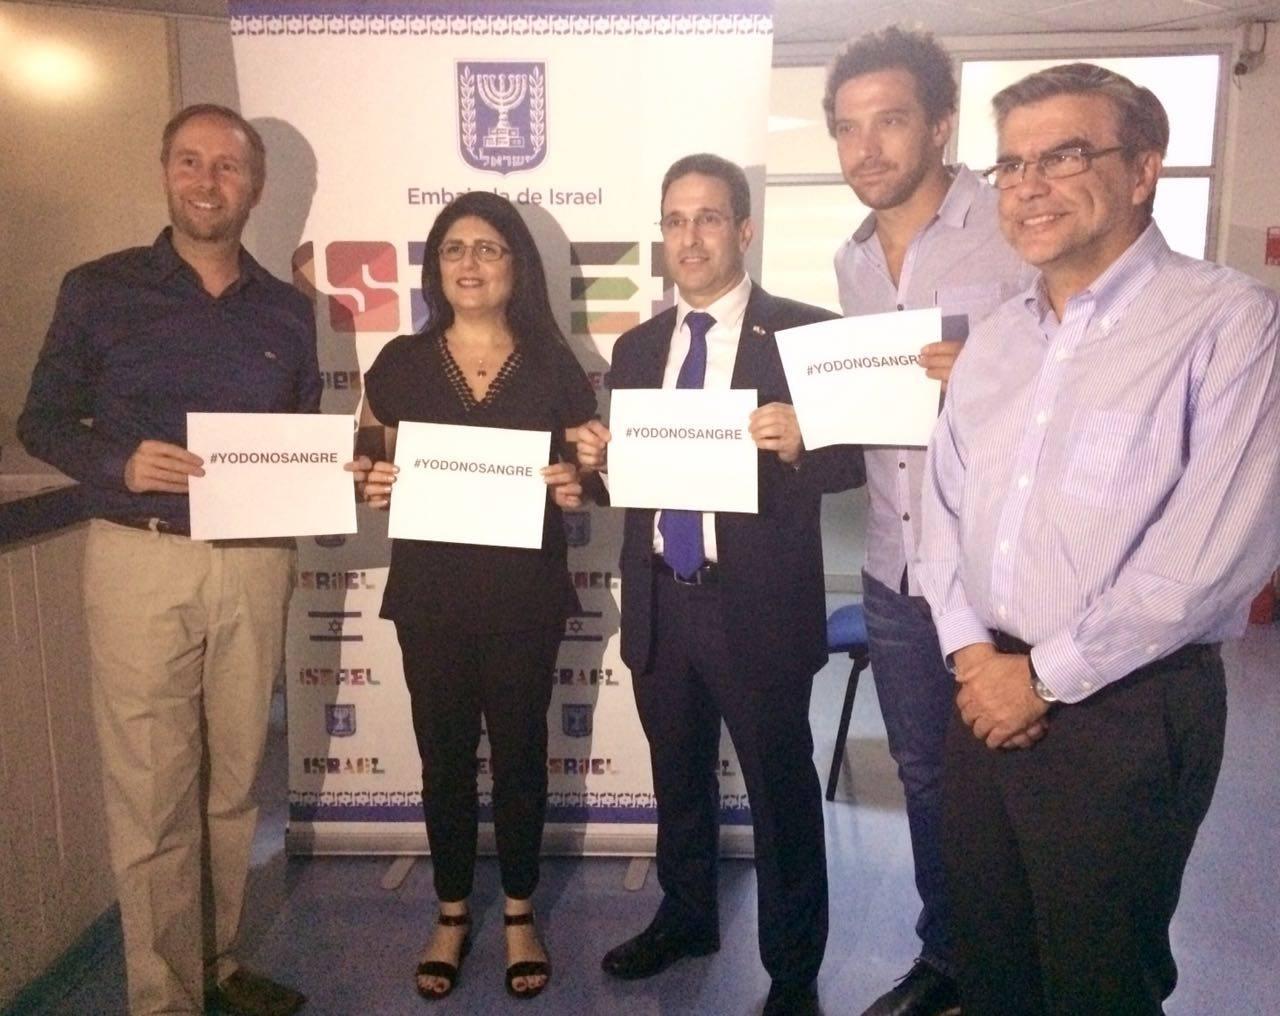 Funcionarios de la Embajada de Israel en Chile se unen a la campaña #YoDonoSangre